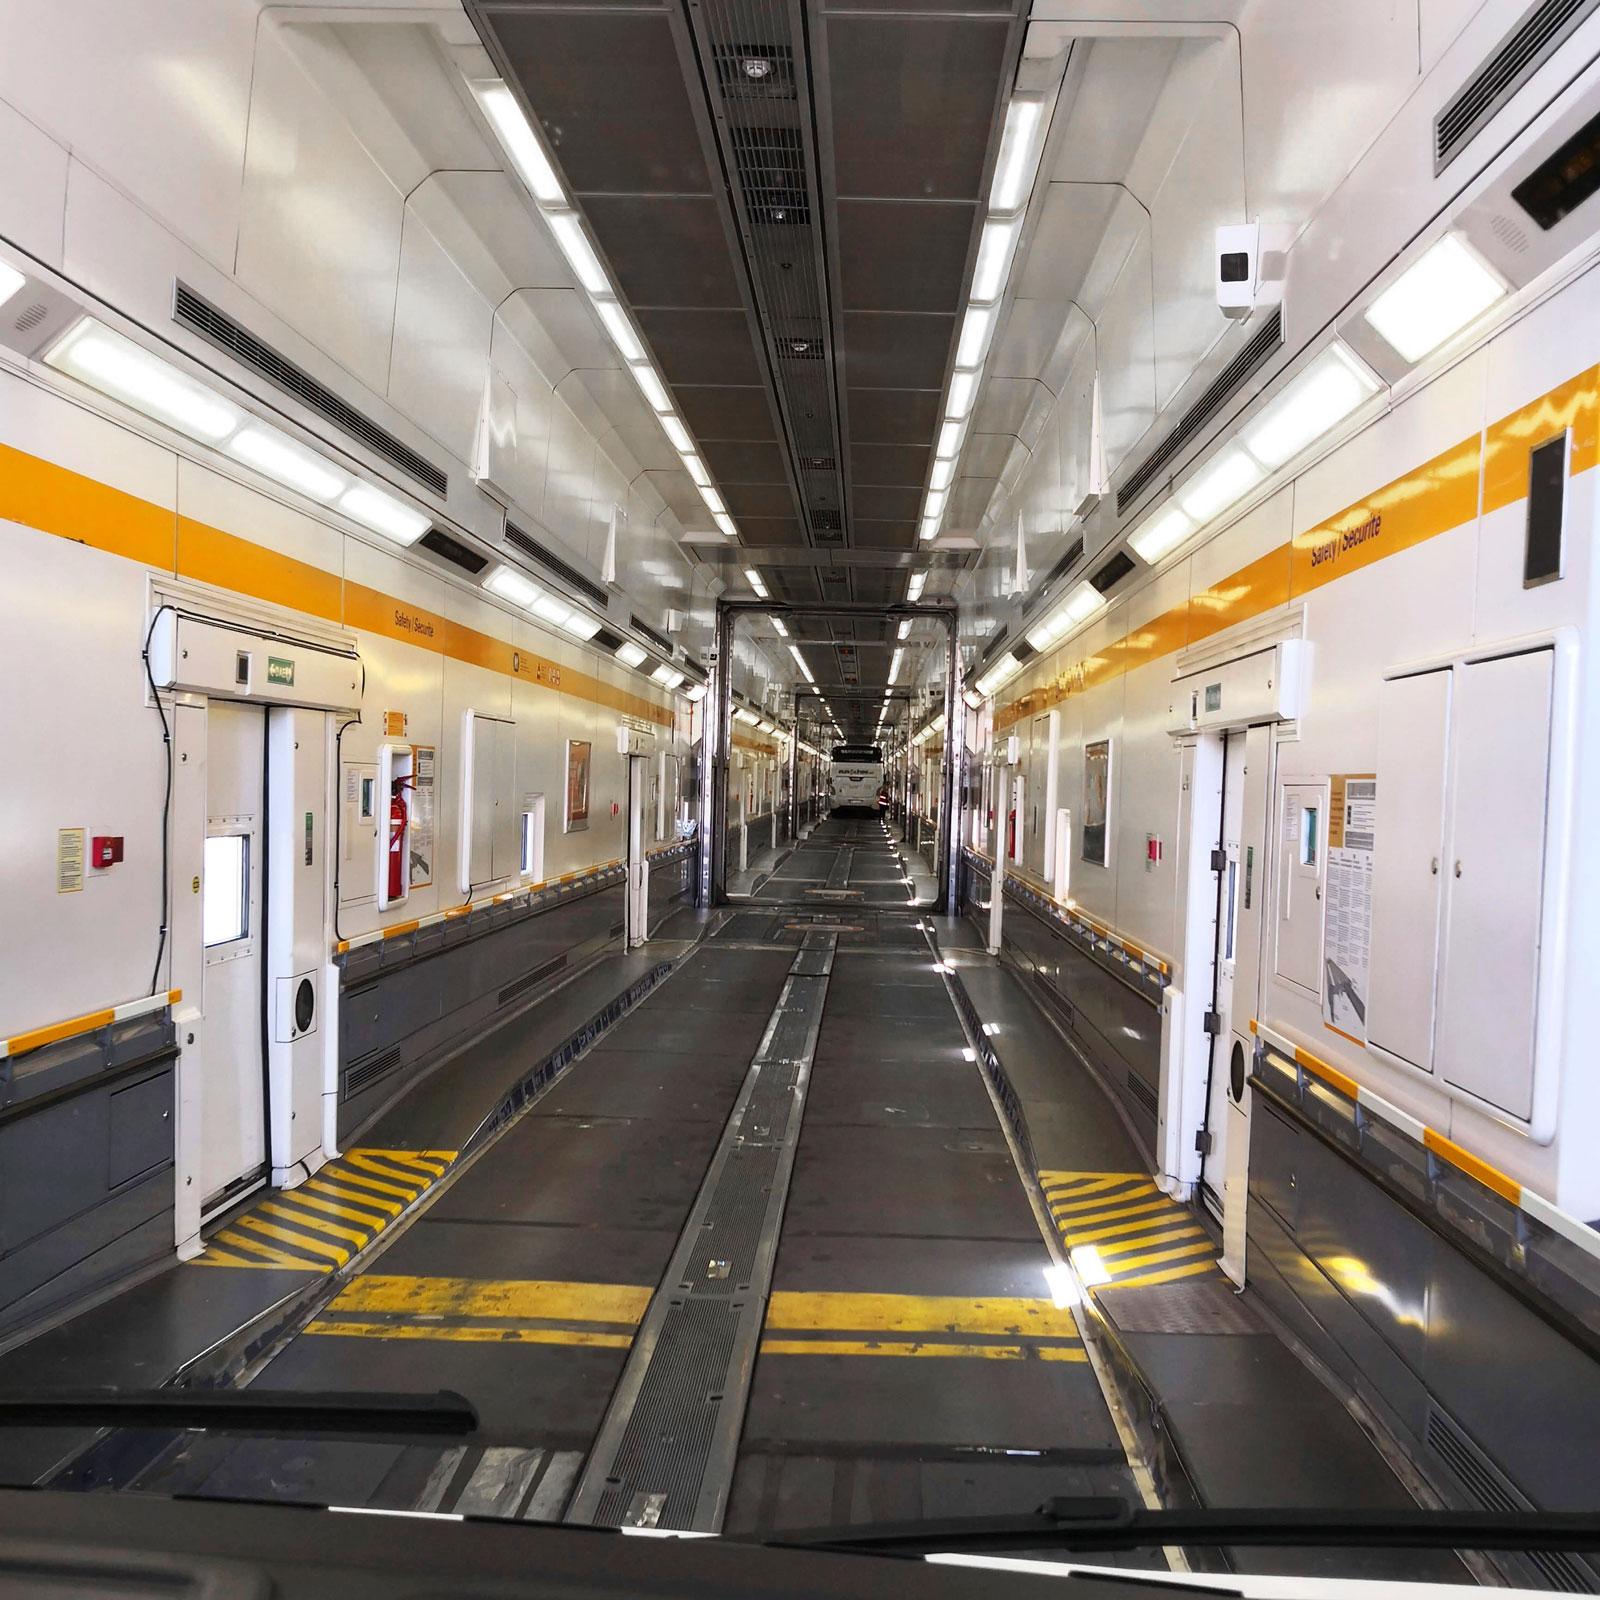 Varje tåg är 775 meter långt så det blir en rätt bra sträcka ombord innan vi får dra åt handbromsen och stänga av motorn.